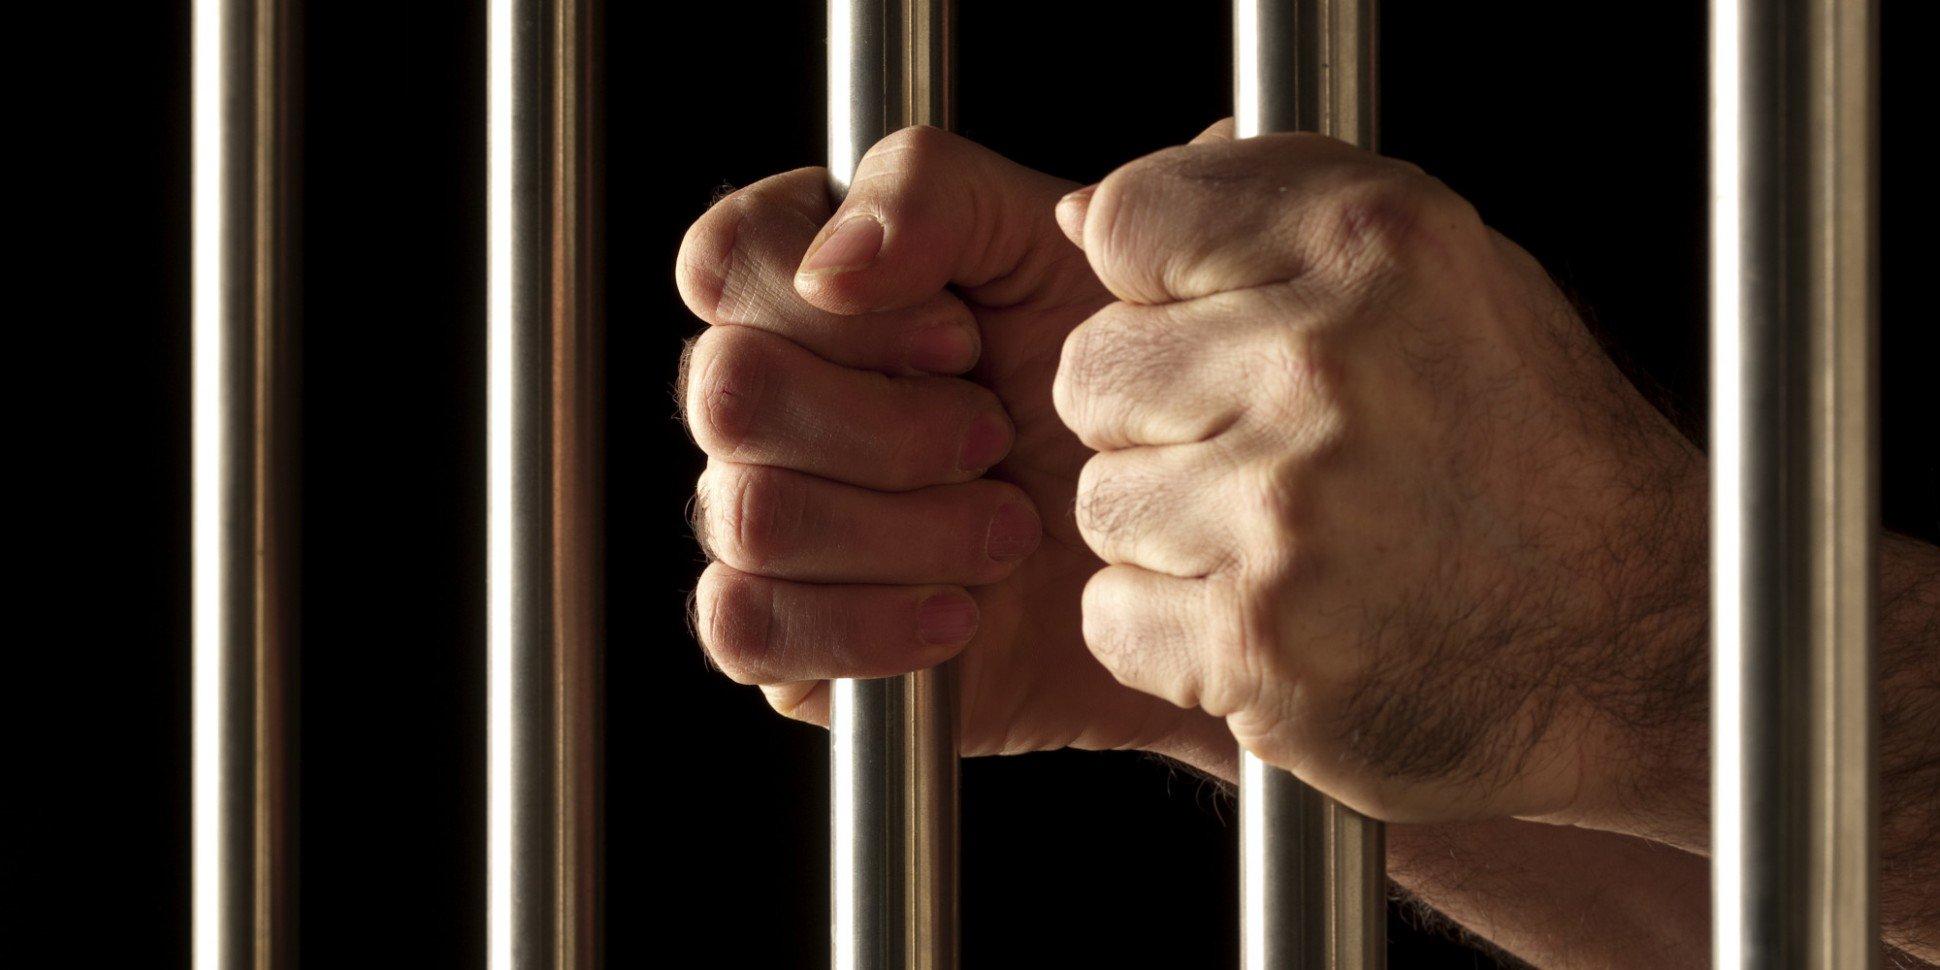 Շիրակի մարզի դատախազի այցի արդյունքում «Արթիկ» ՔԿՀ-ի երկու կալանավոր դադարեցրել է հացադուլը